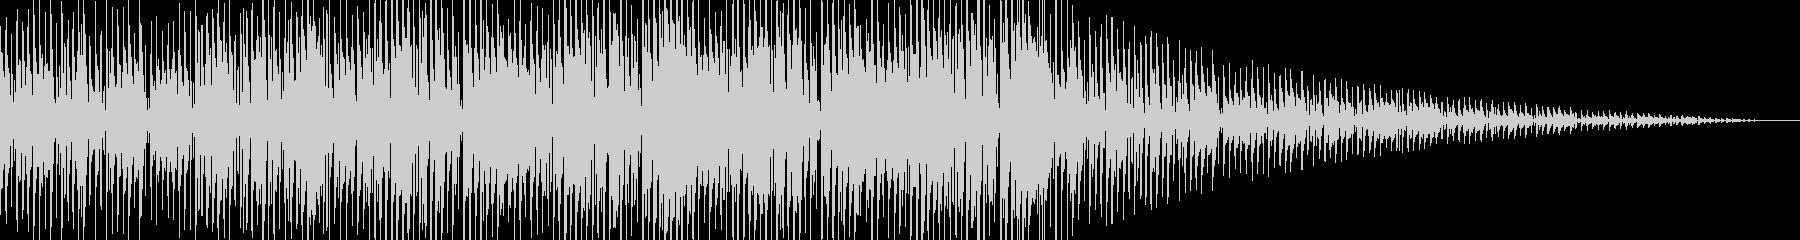 ダブでレゲェなジングル(シンセ音無し)の未再生の波形